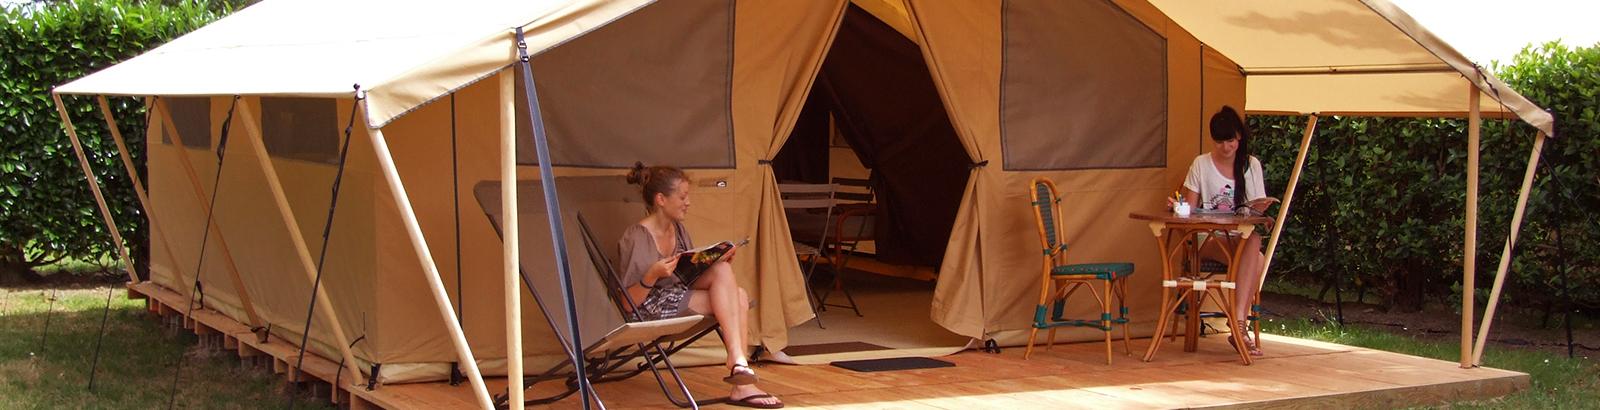 Comfortabele vakantie in ingerichte tent Safari